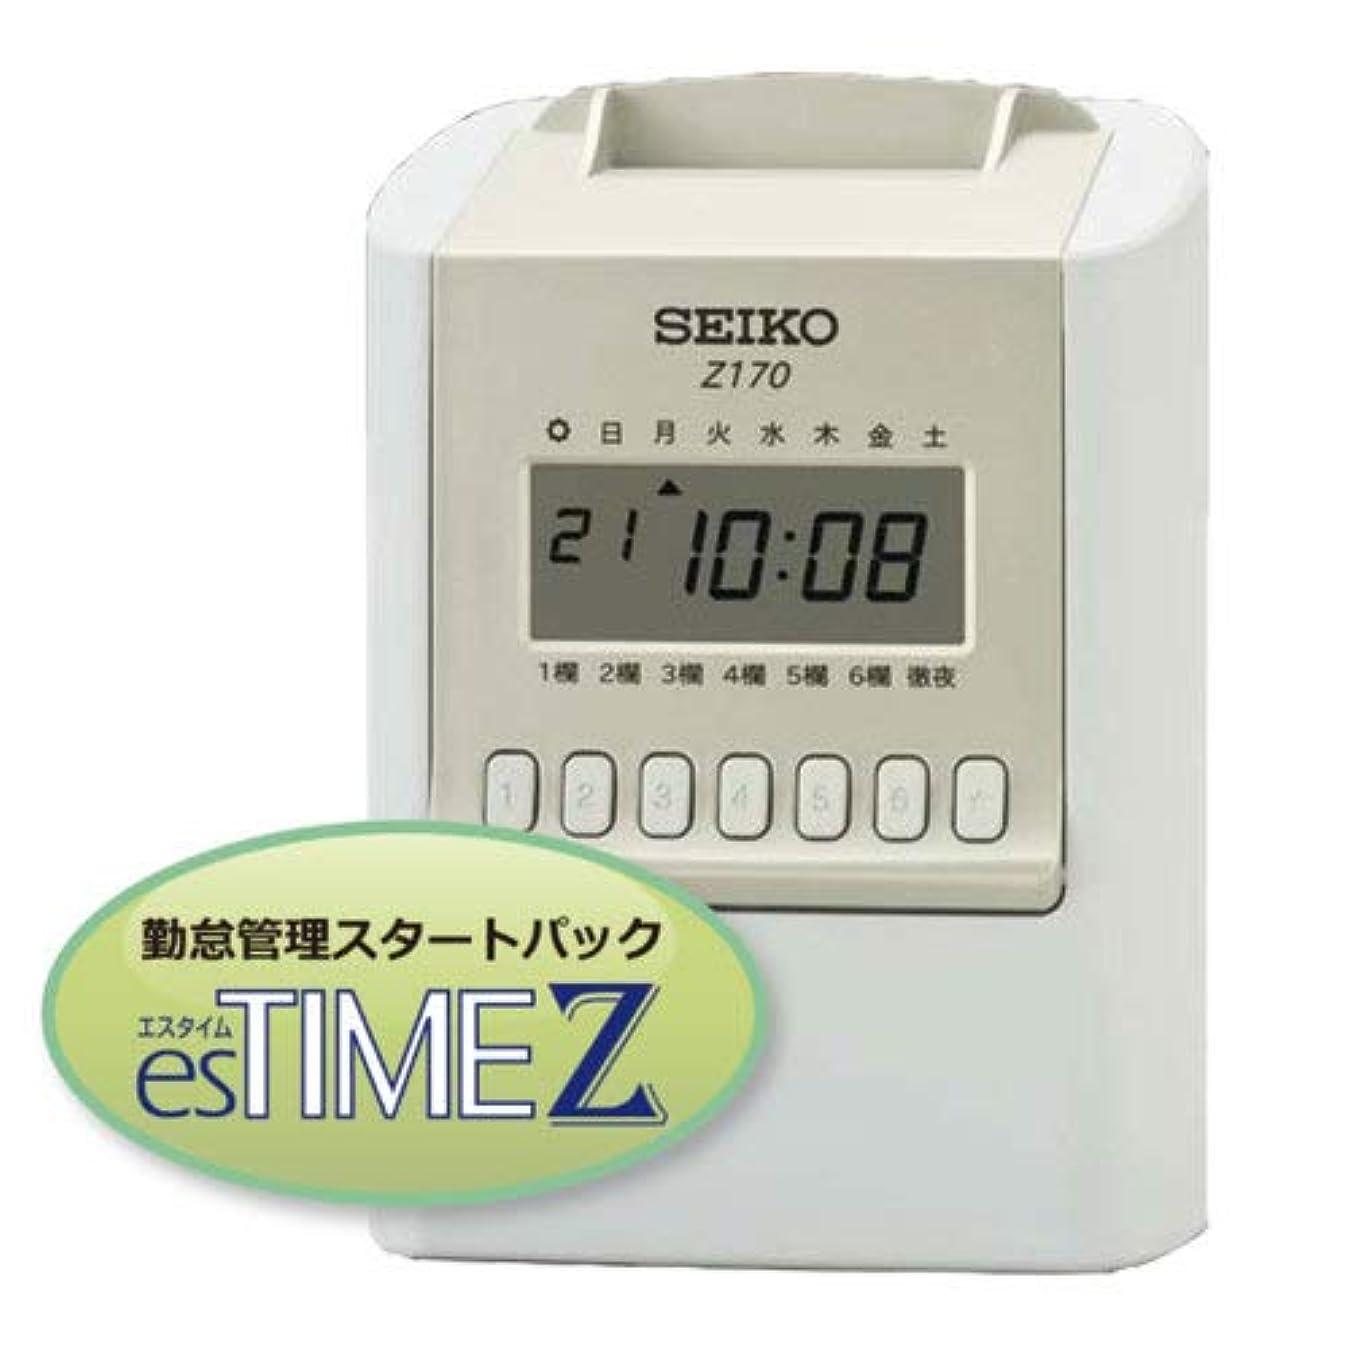 地質学急性全体セイコー タイムレコーダー esTIME Z (Z170&勤怠管理ソフト勤たんZ) Zタイムカード1箱付